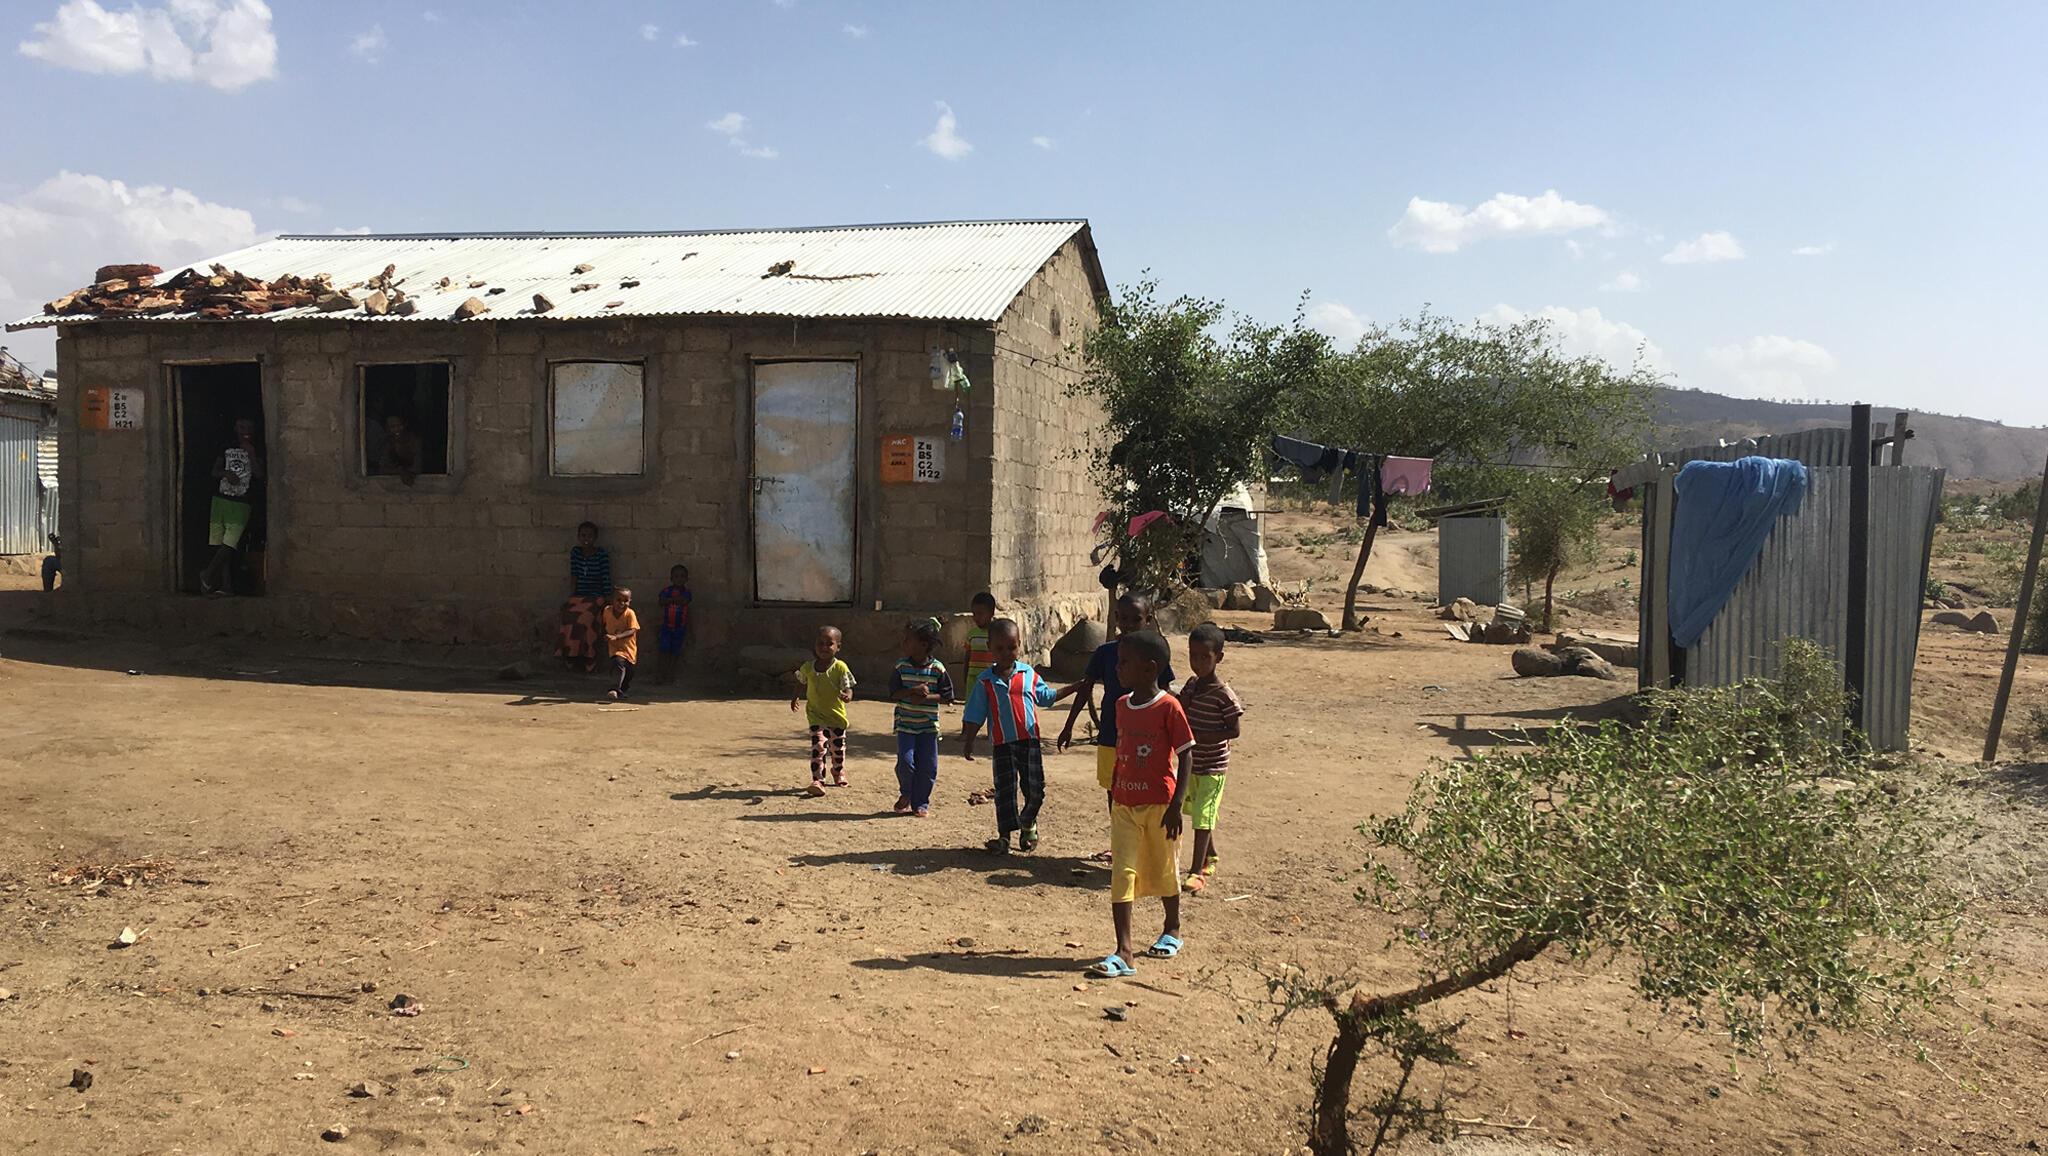 Le camp de réfugiés érythréens d'Hitsats, dans le nord de l'Ethiopie où se mène le programme de couloirs humanitaires.